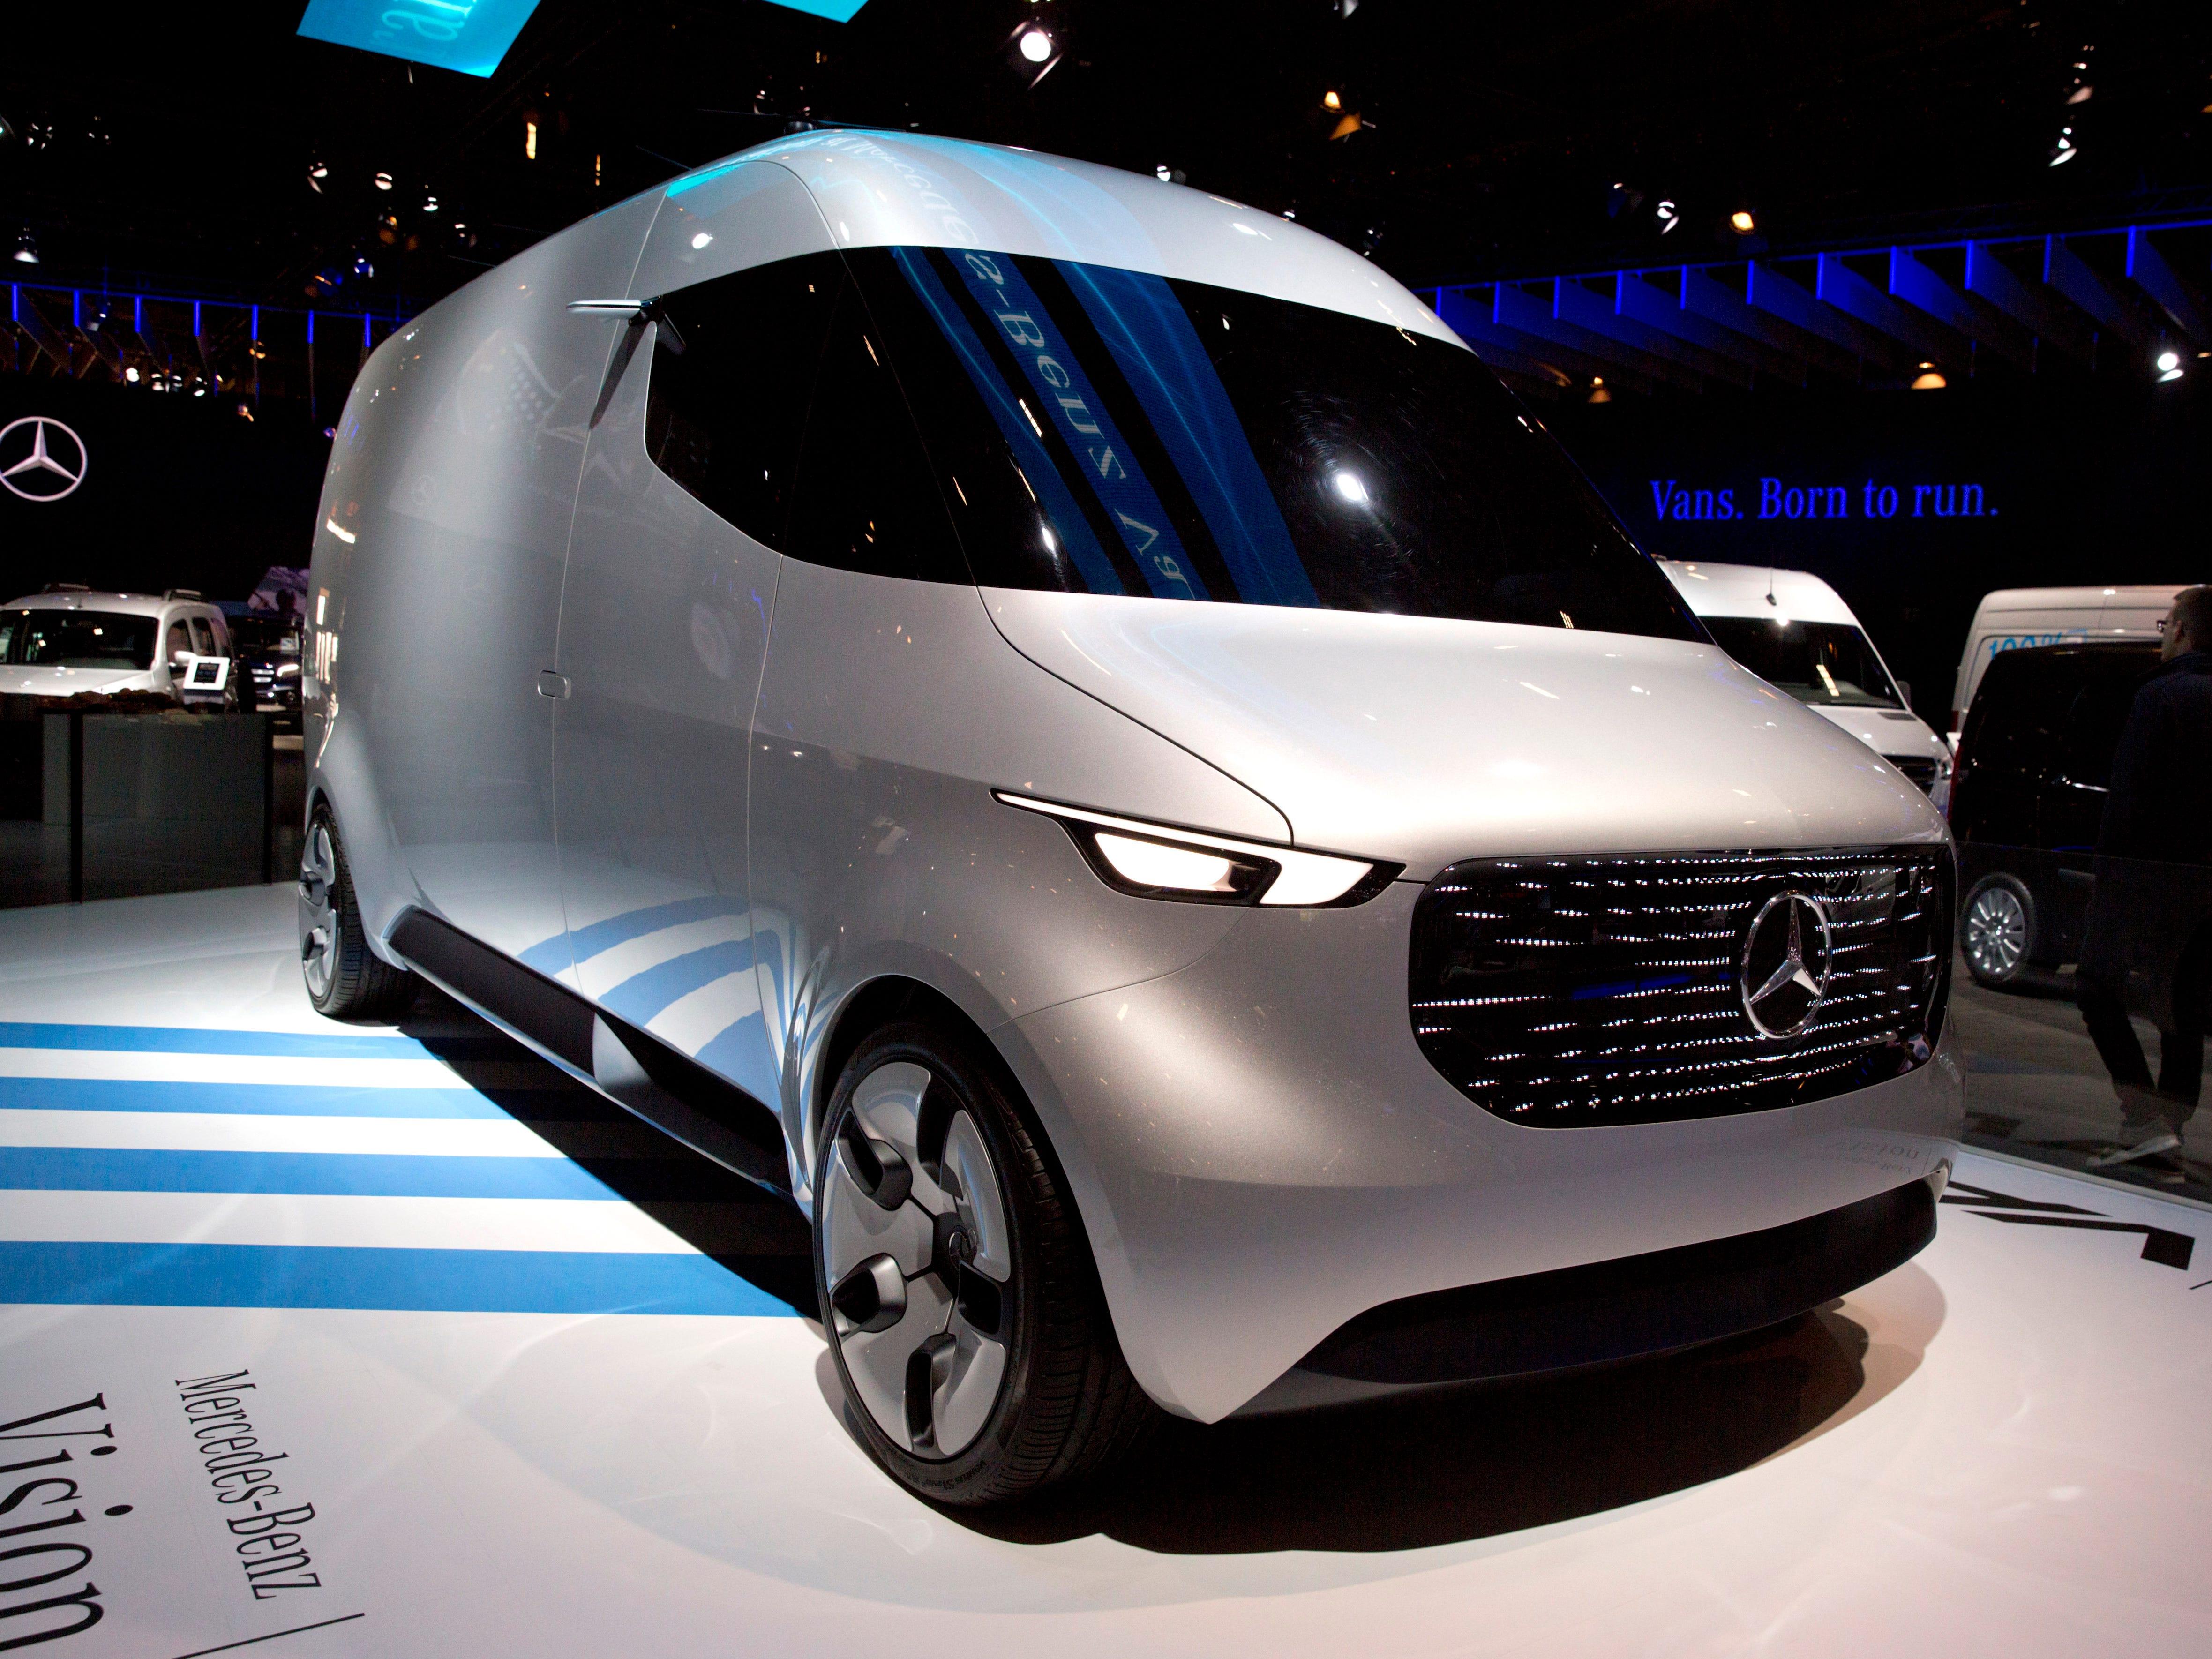 The Mercedes Benz Vision van.